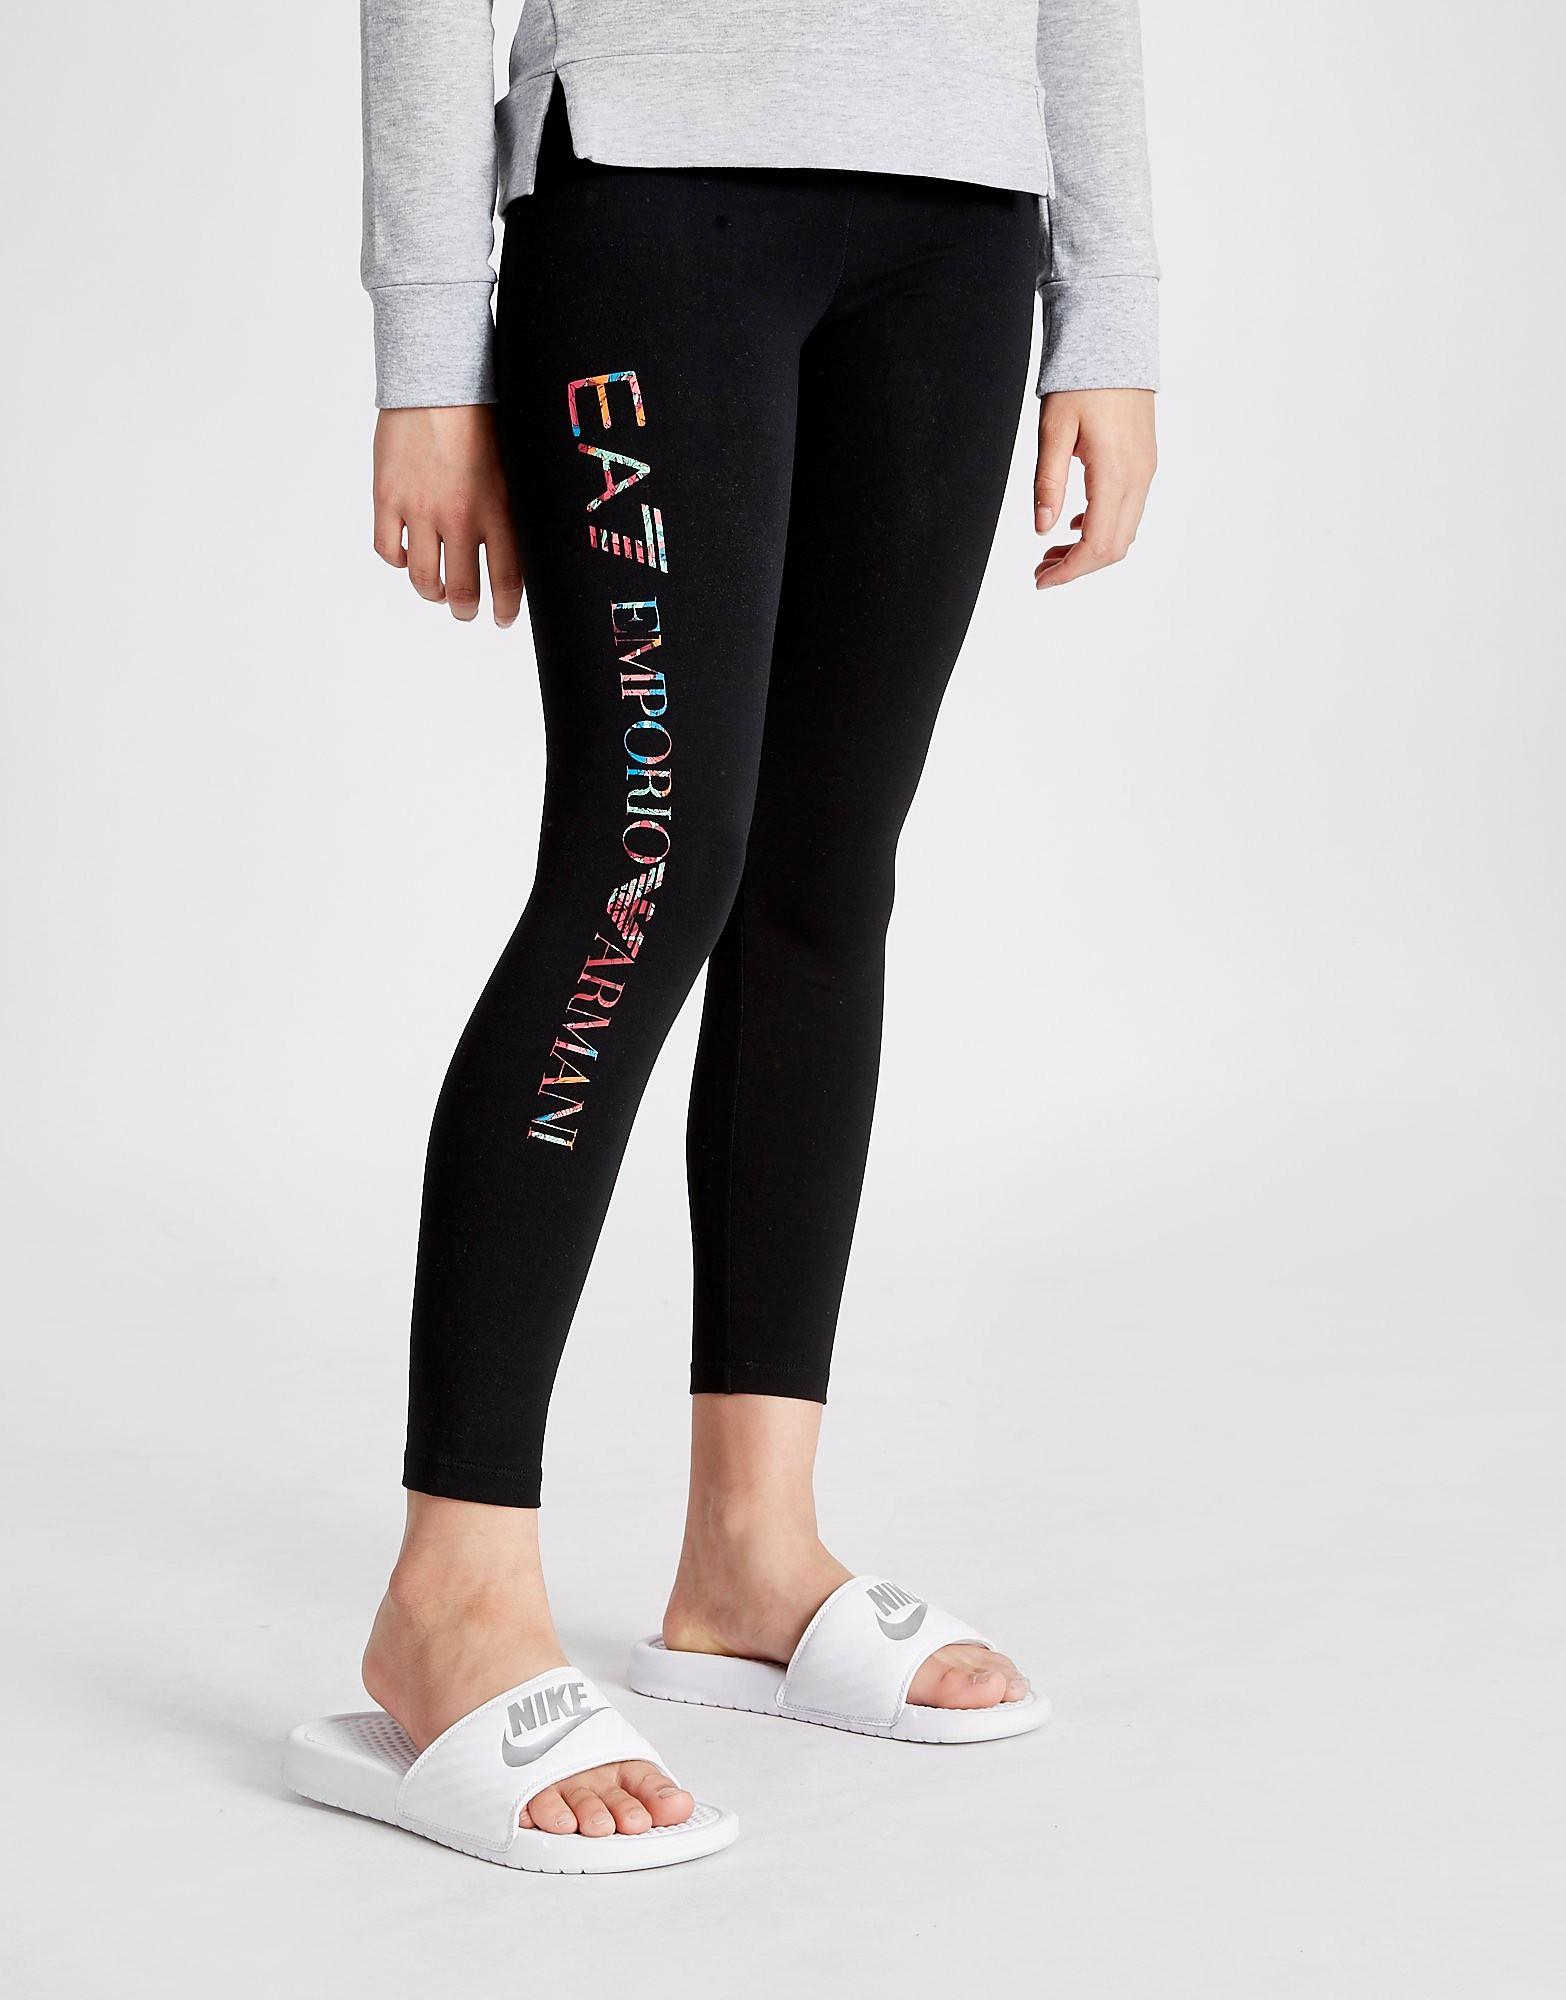 Emporio Armani EA7 Girls' Floral Leggings Junior